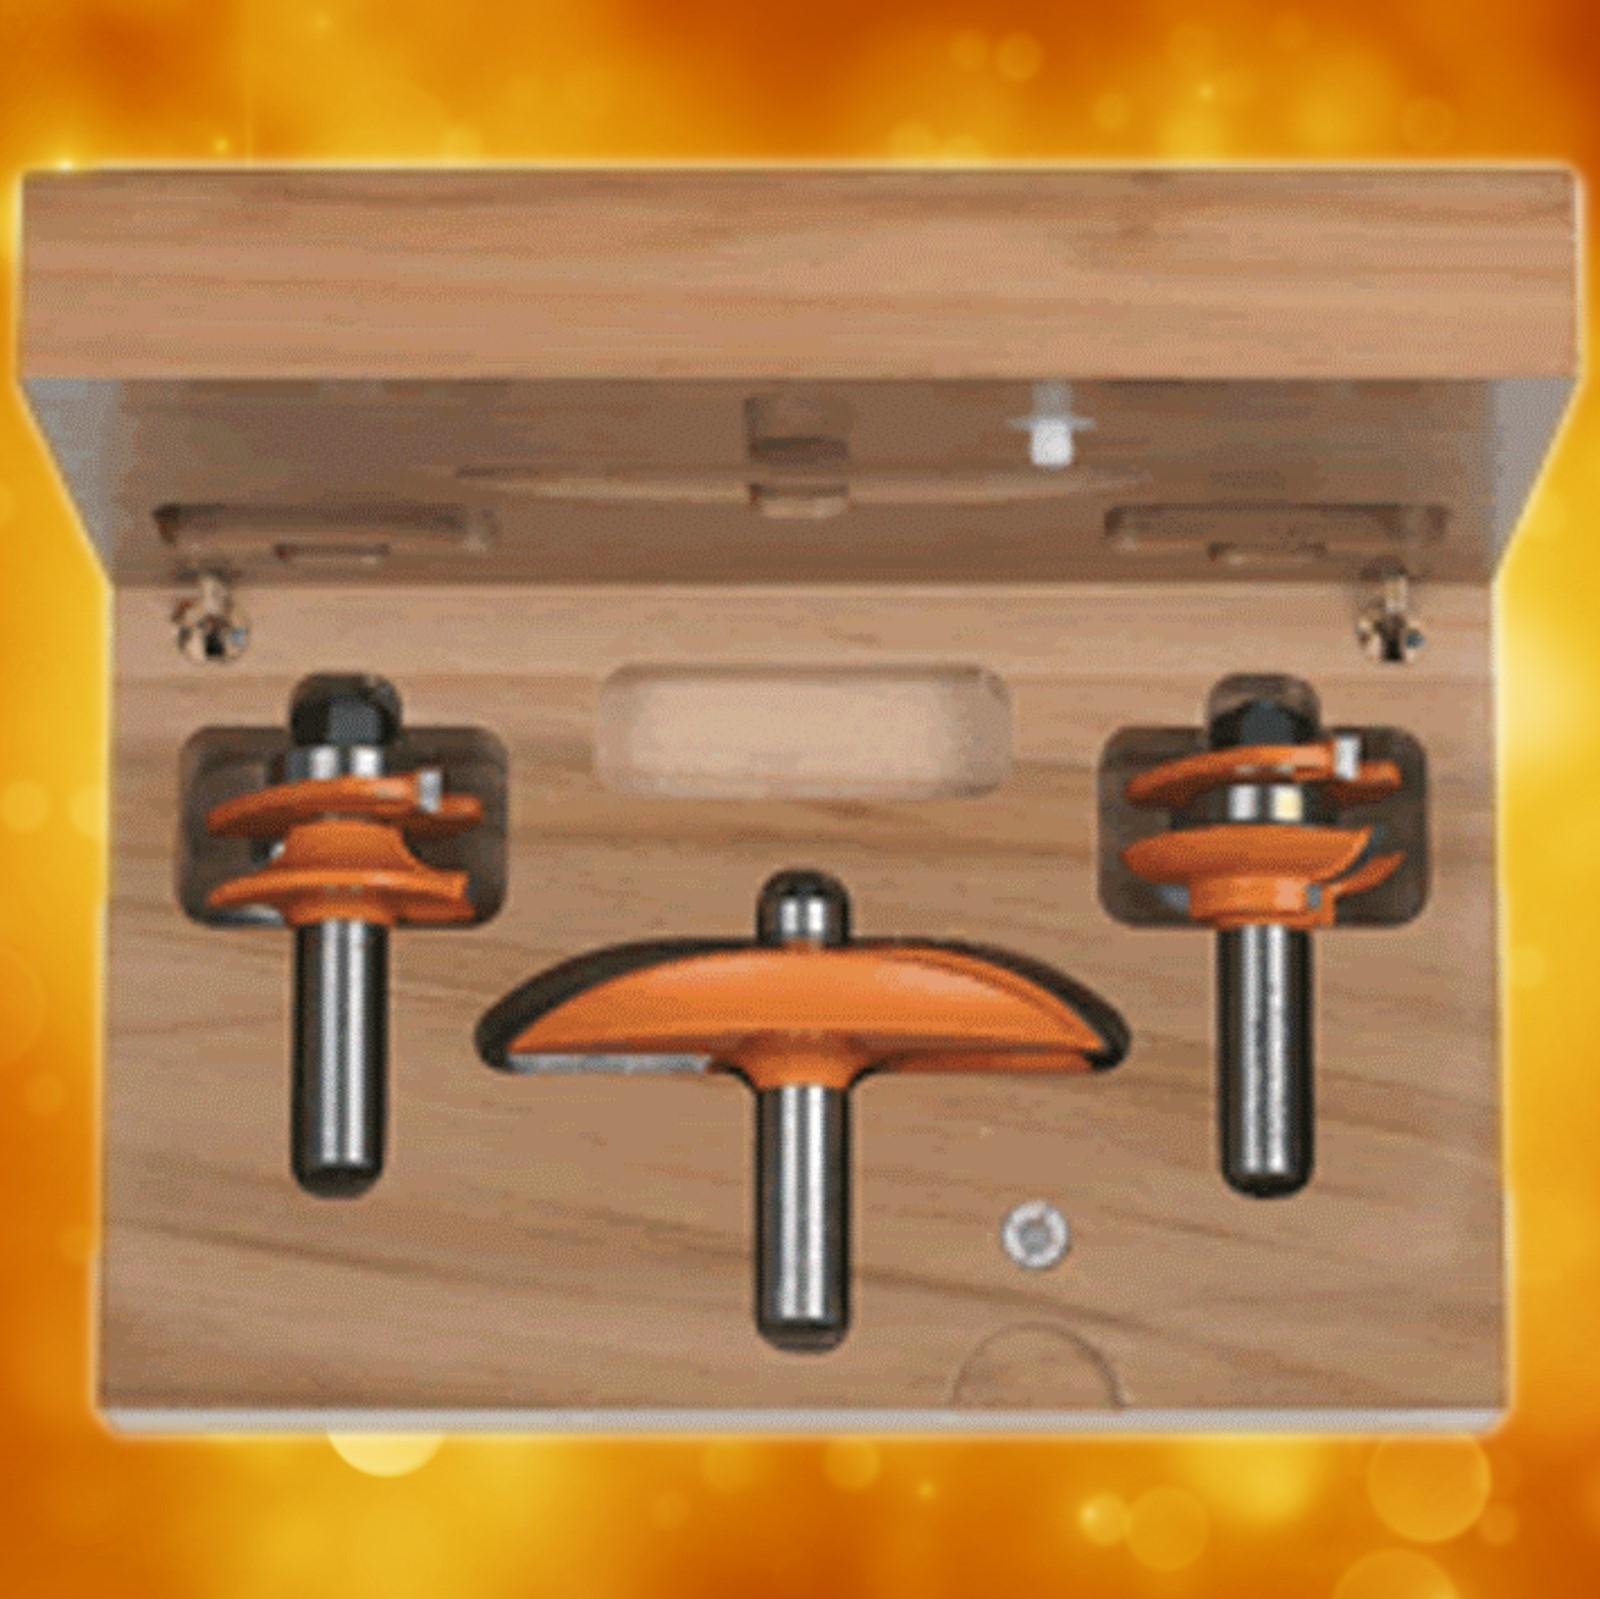 Cmt 3 Piece Kitchen Router Bit Set Profile A2 800 513 11